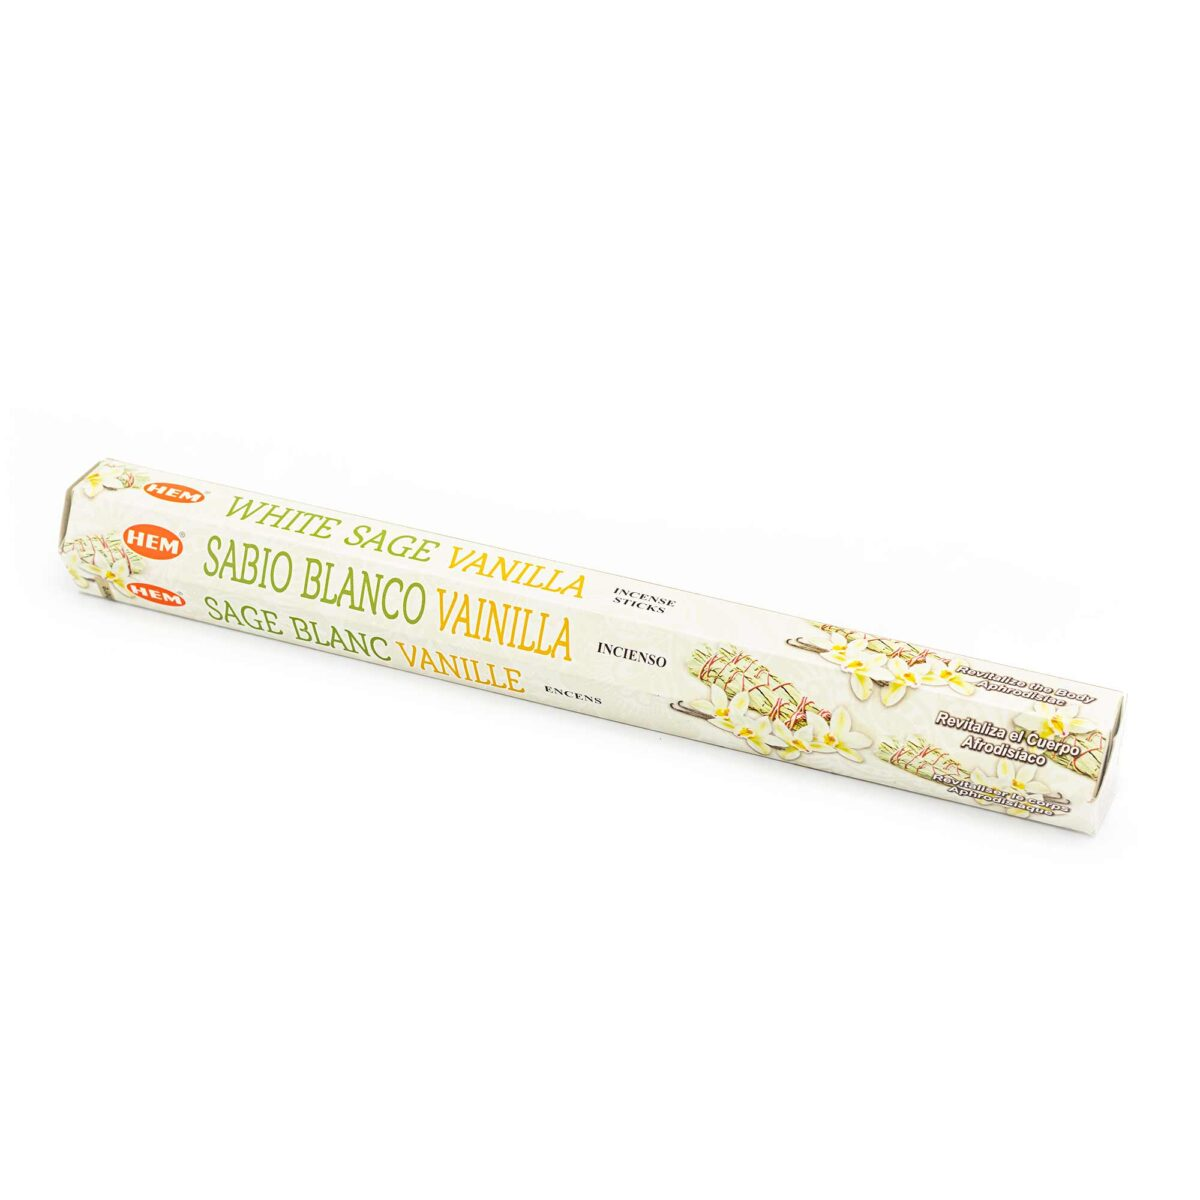 hem-incense-disece-palcke-beli-zajbelj-vanilija-portal8